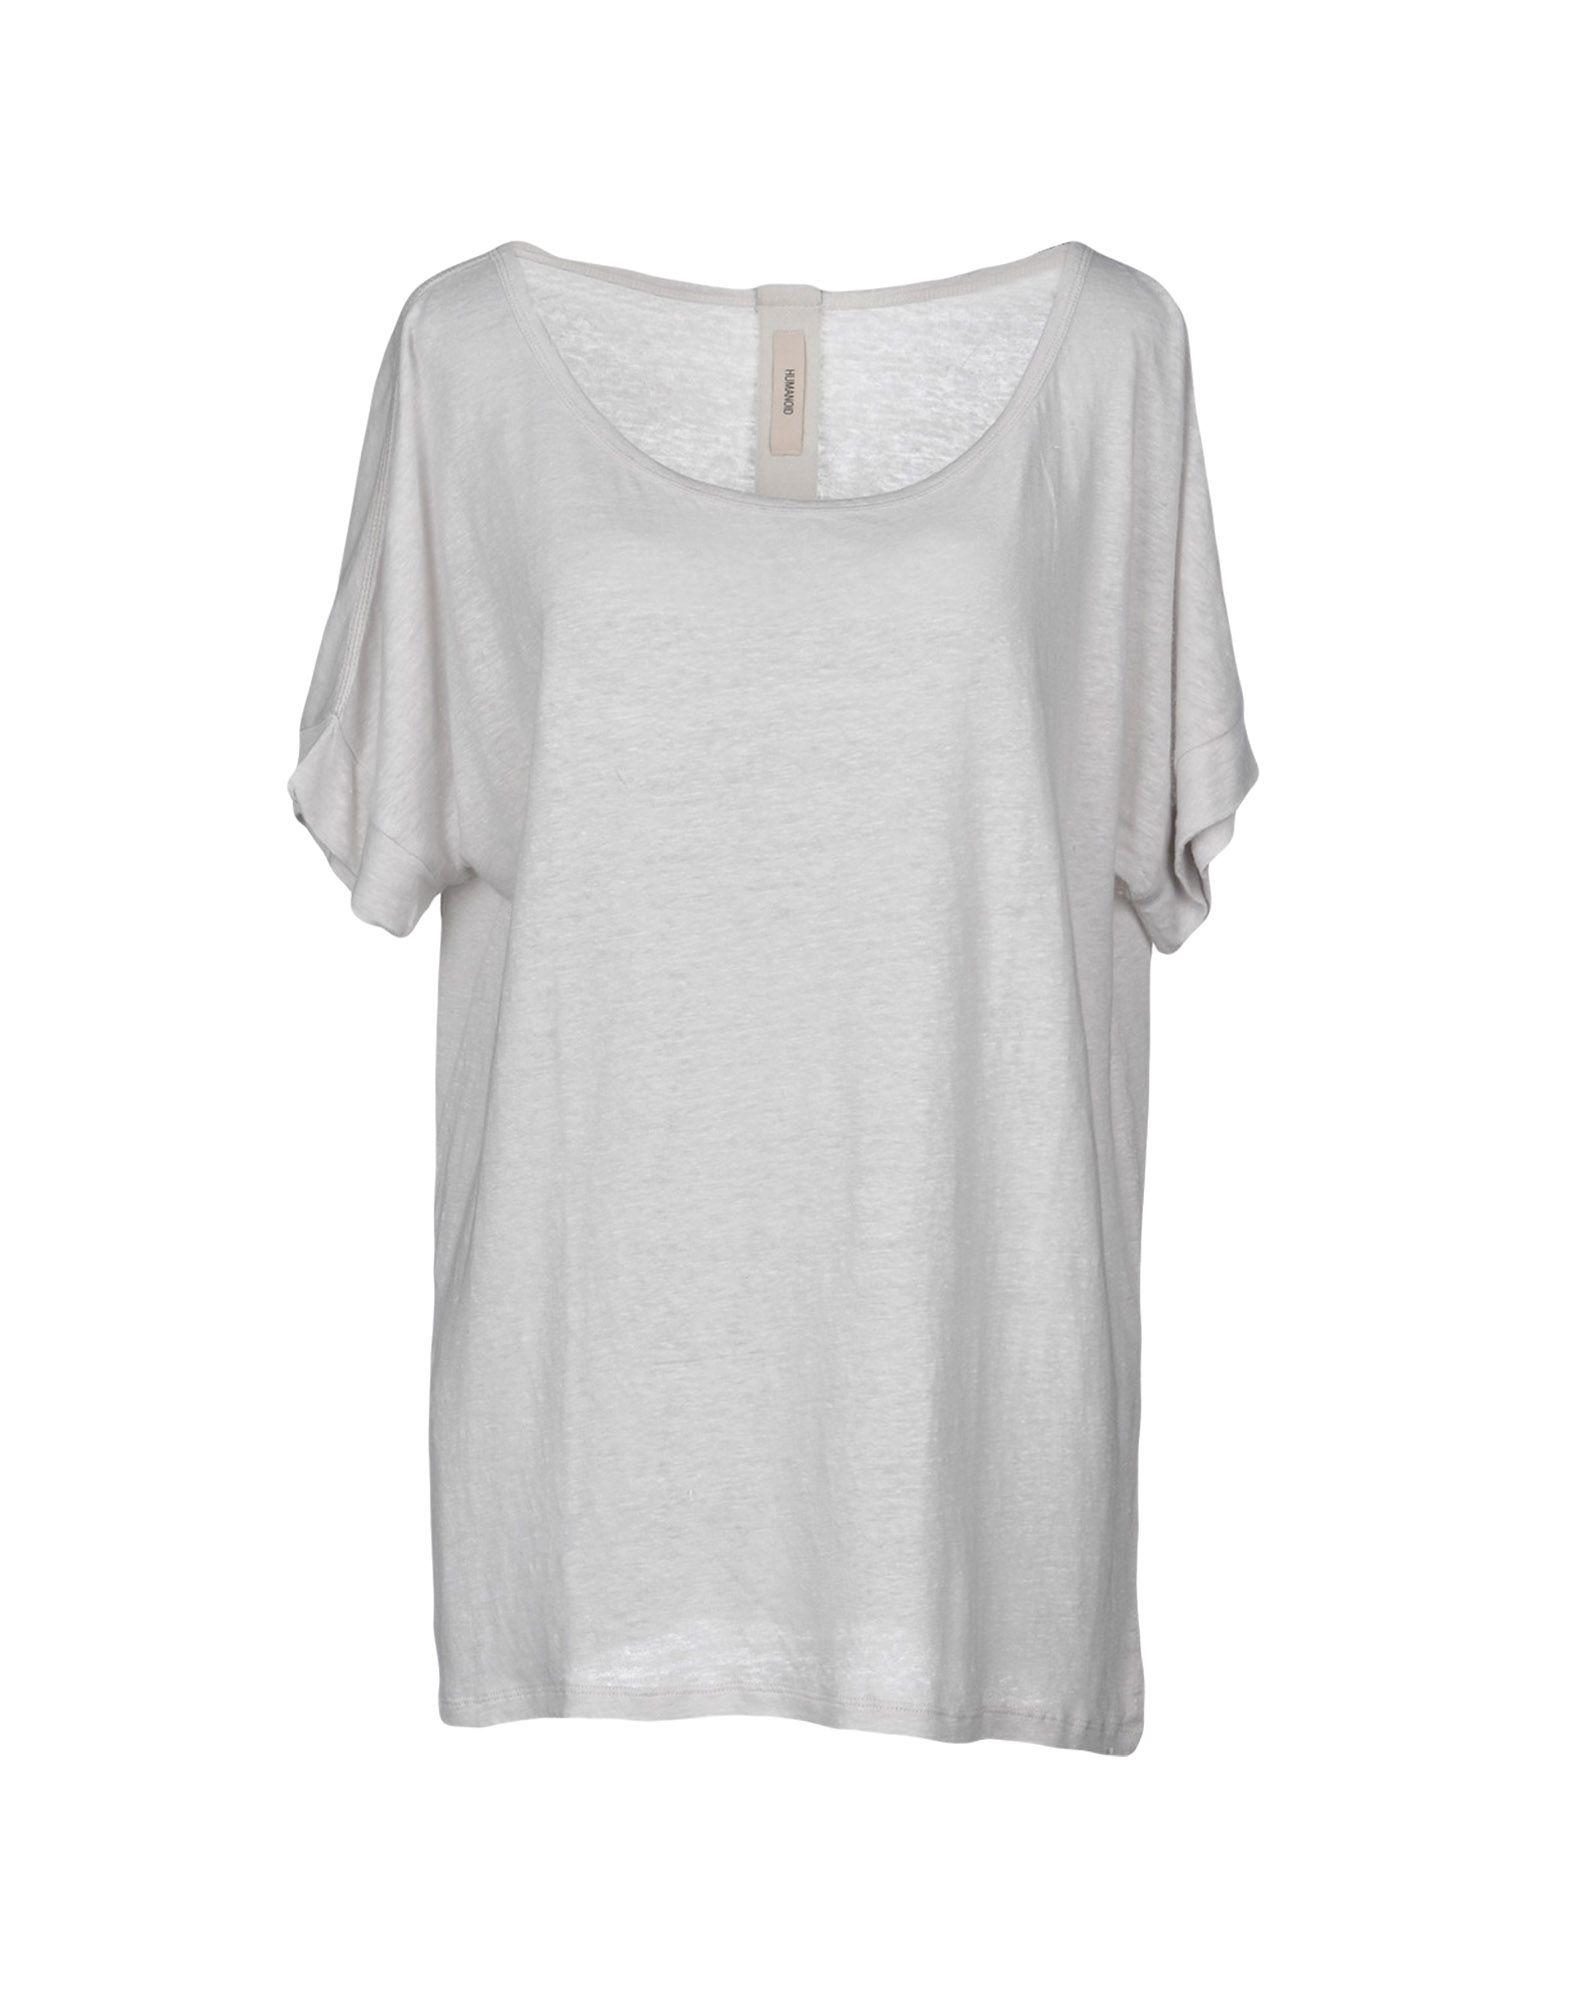 《送料無料》HUMANOID レディース T シャツ ライトグレー XS 麻 100%